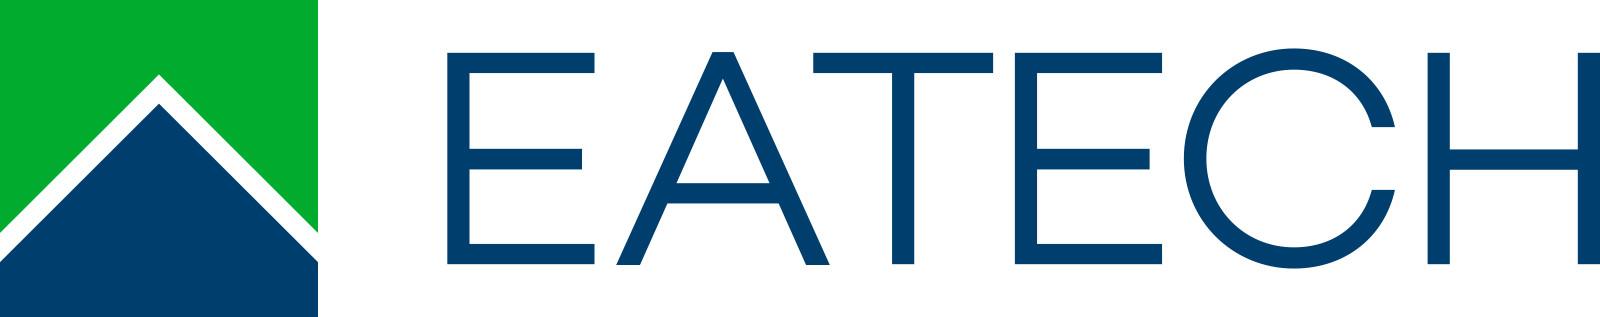 eatech-java-kehittaja-tampere-sdsuu-3319470 logo